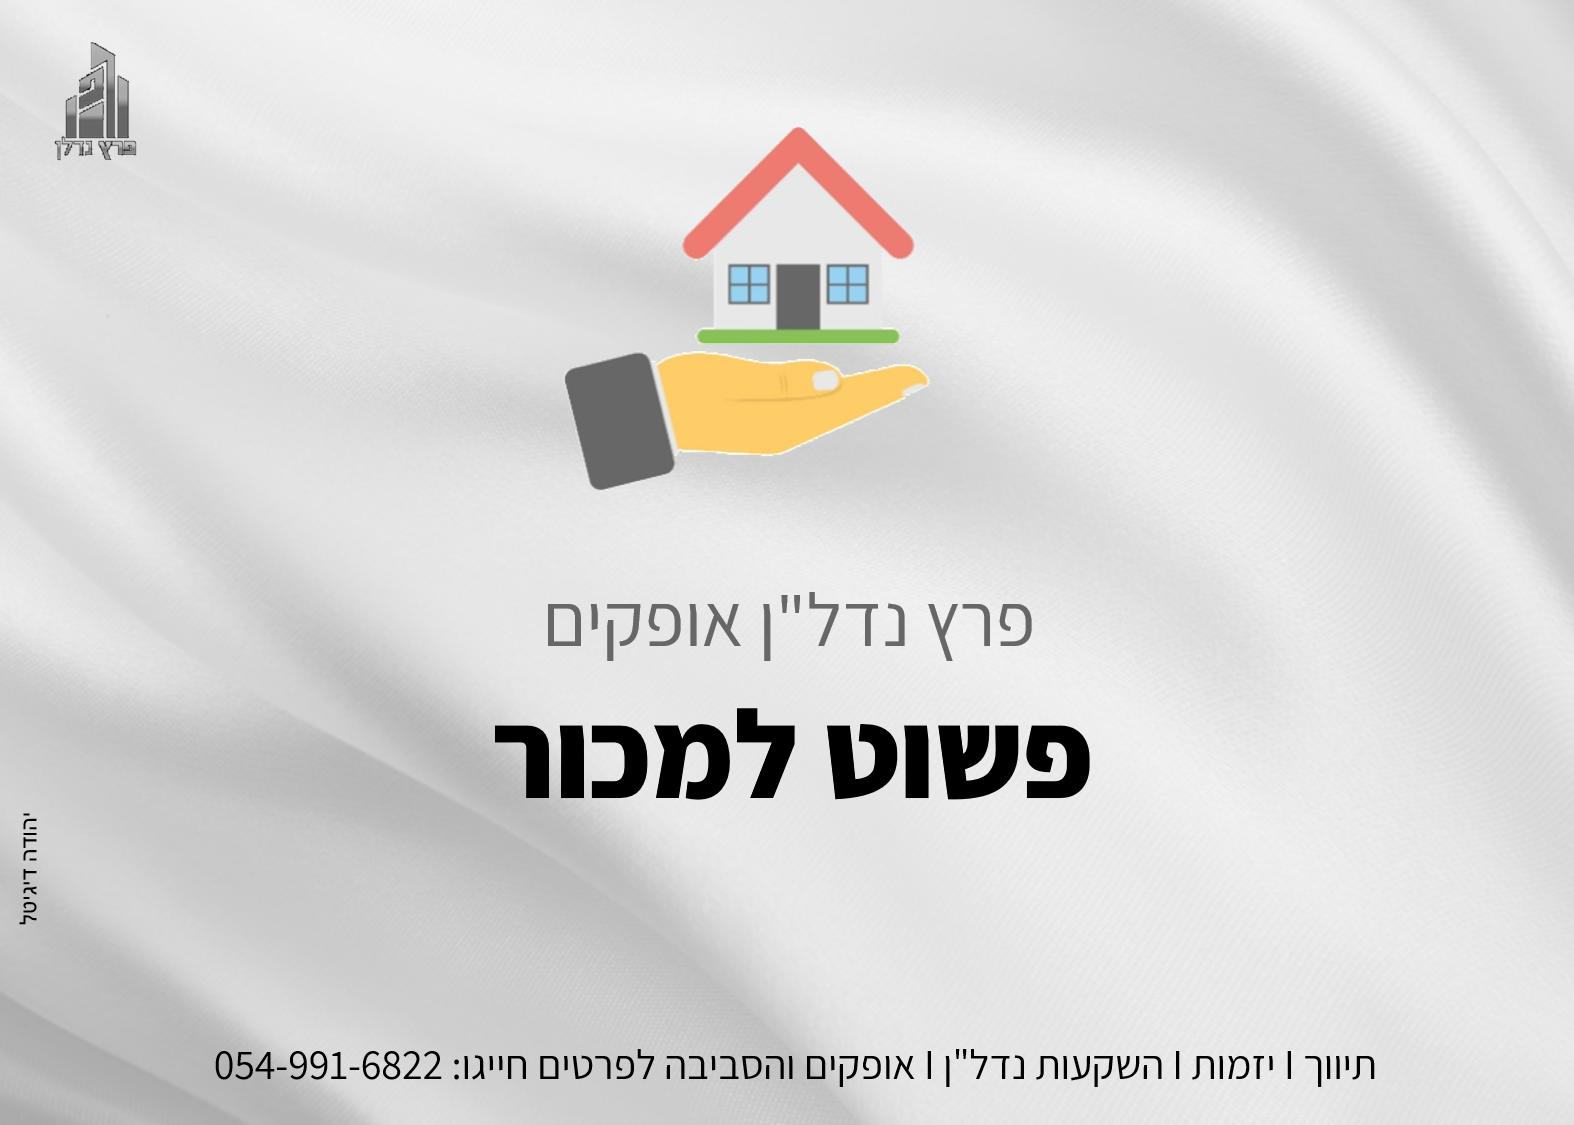 ישראל2